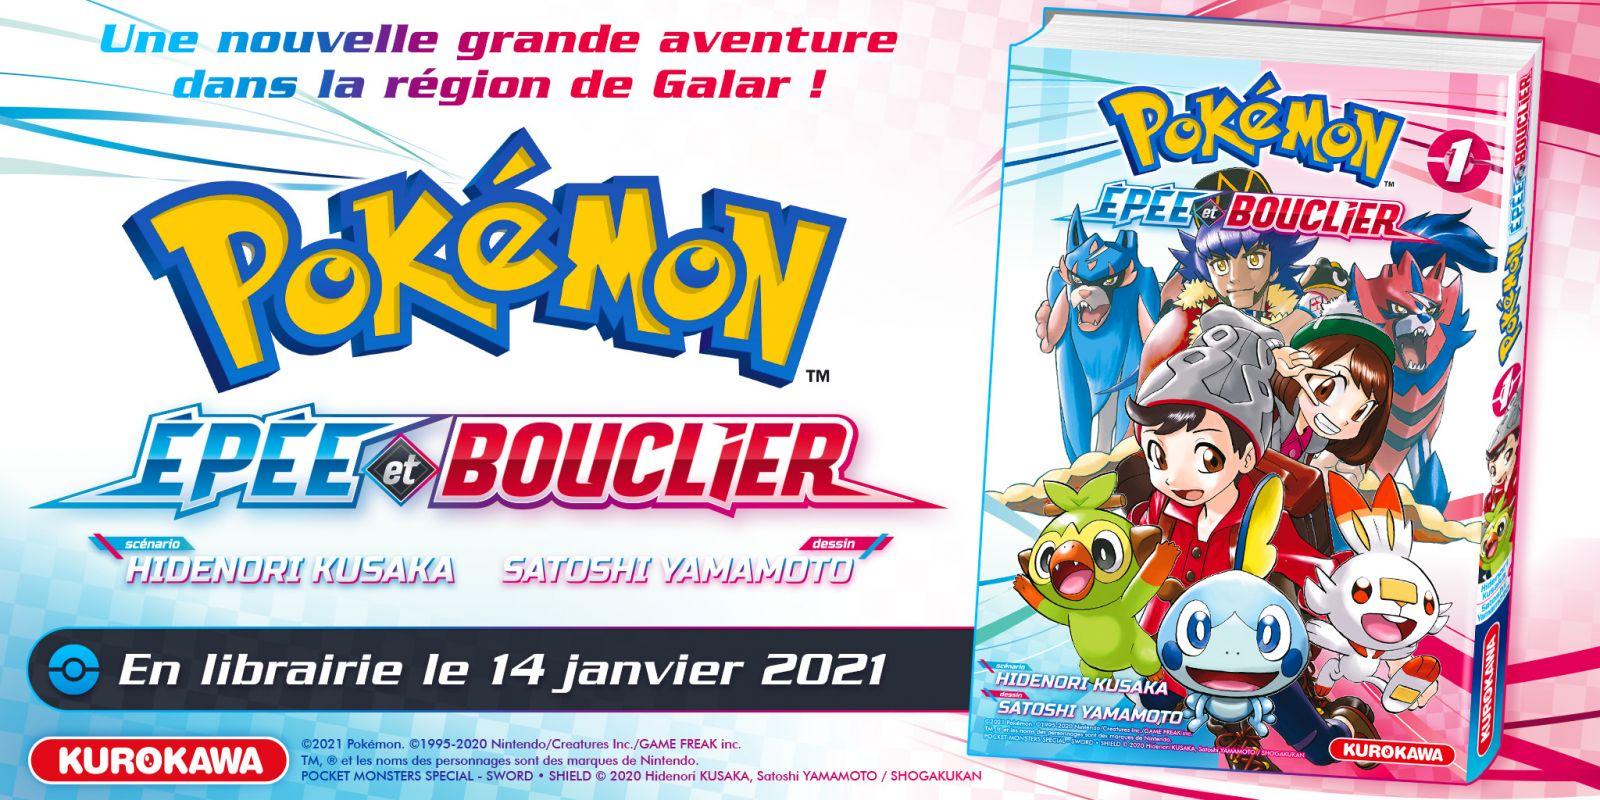 Pokemon Épée et Bouclier chez Kurokawa